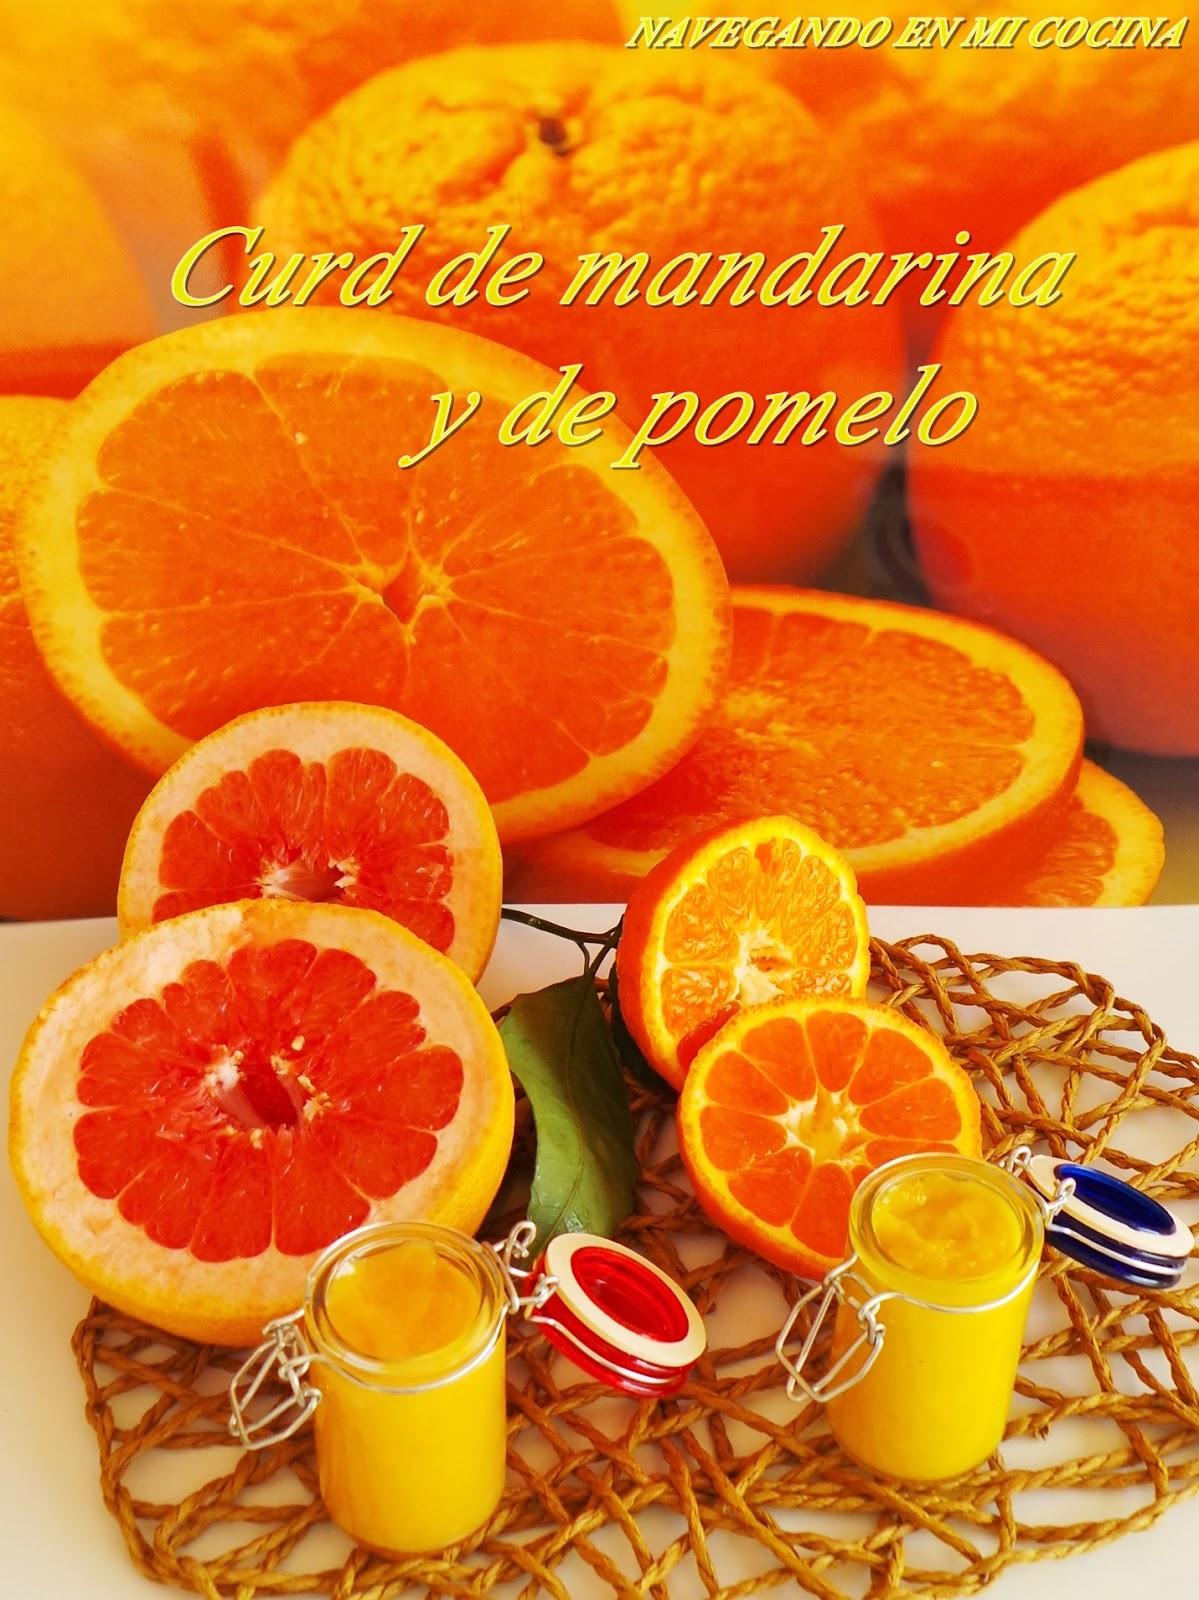 navegando en mi cocina curd de mandarina y de pomelo